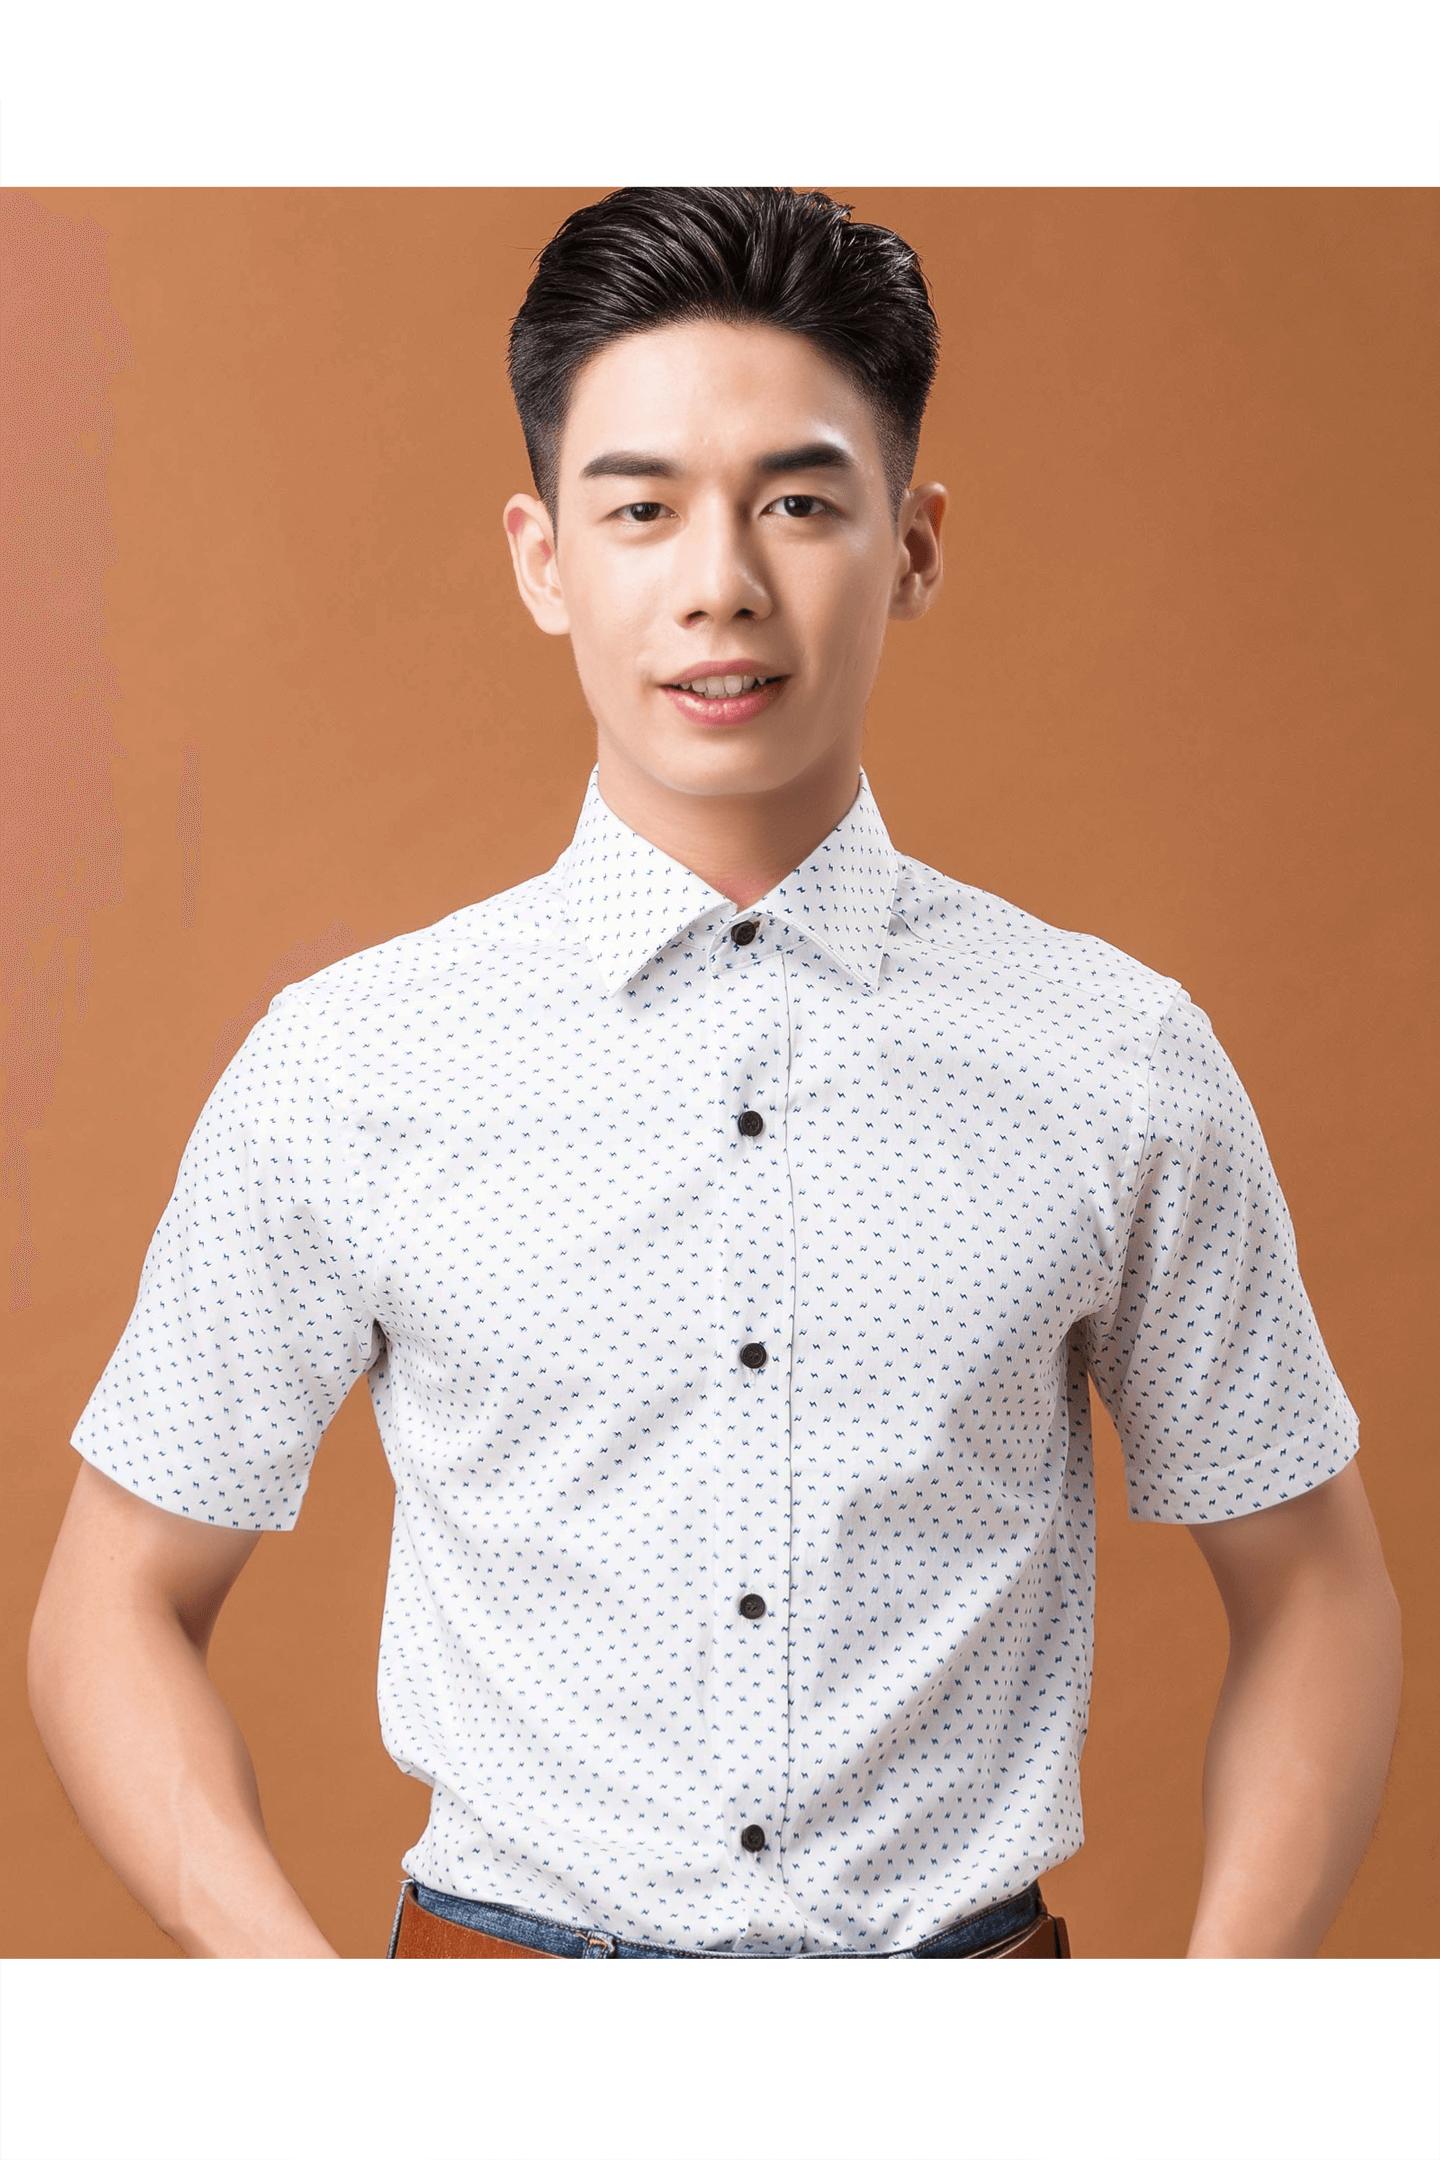 白色閃電印花防皺純棉短袖襯衫